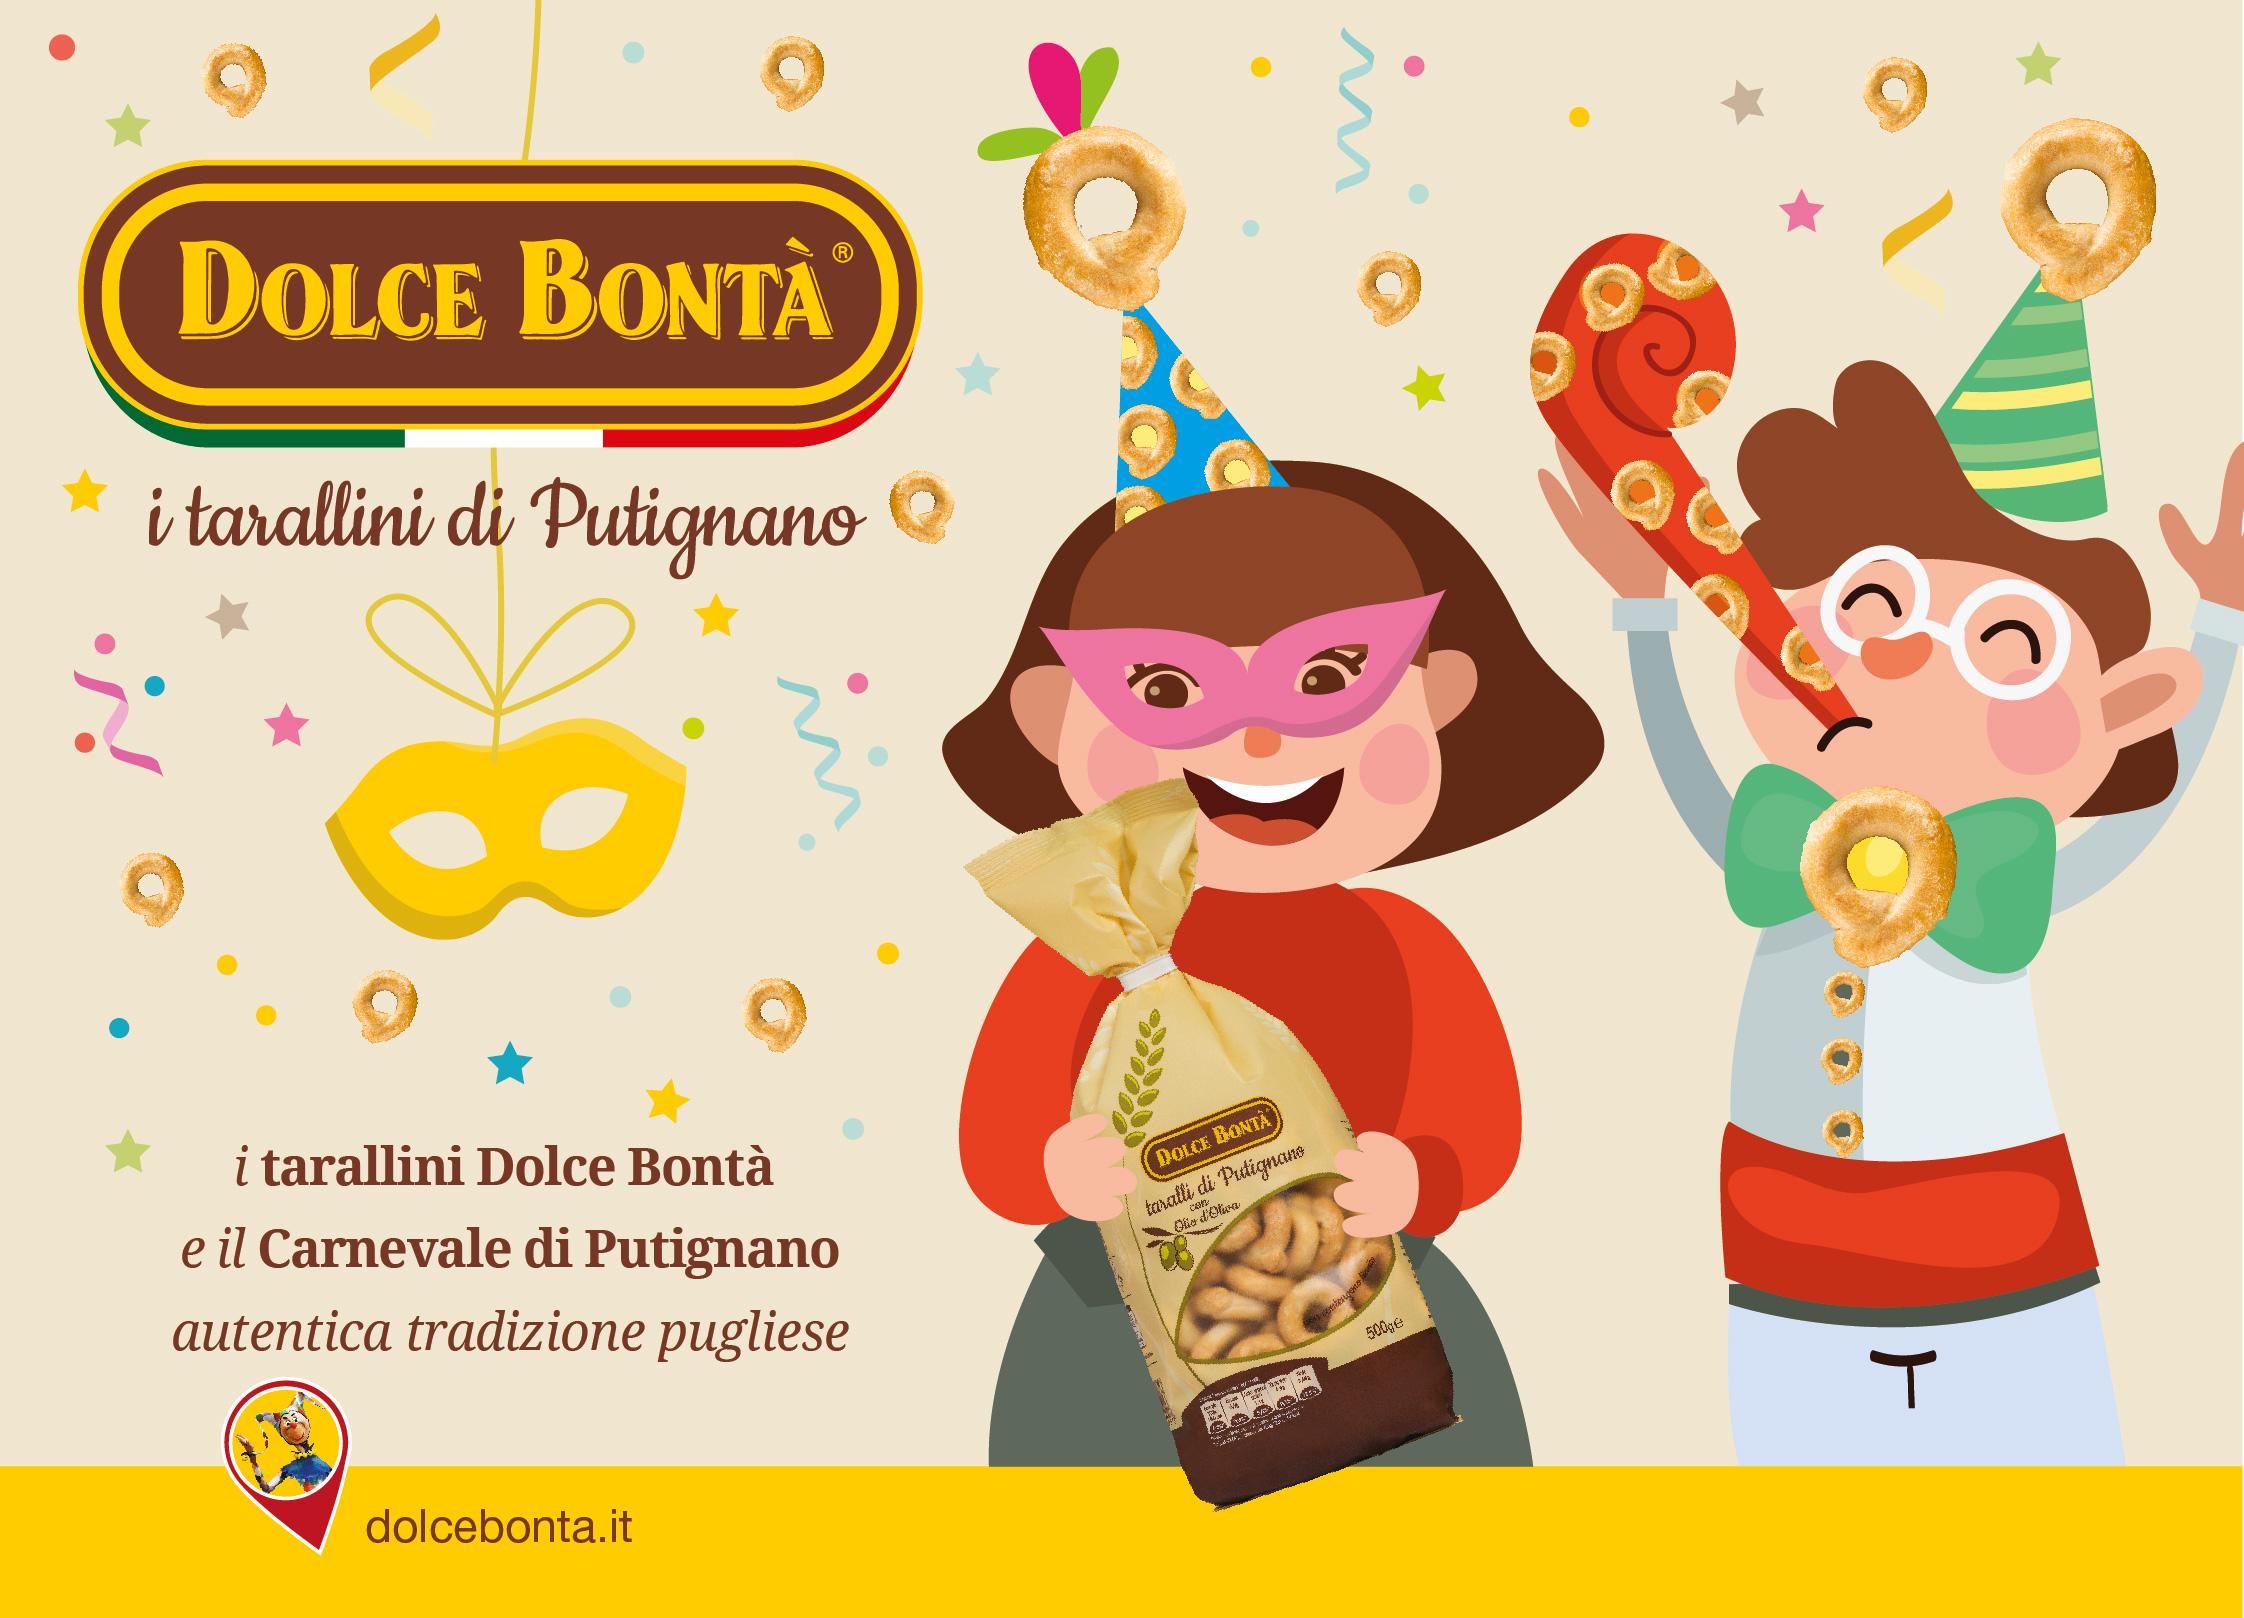 Dolce Bonta Carnevale Putignano